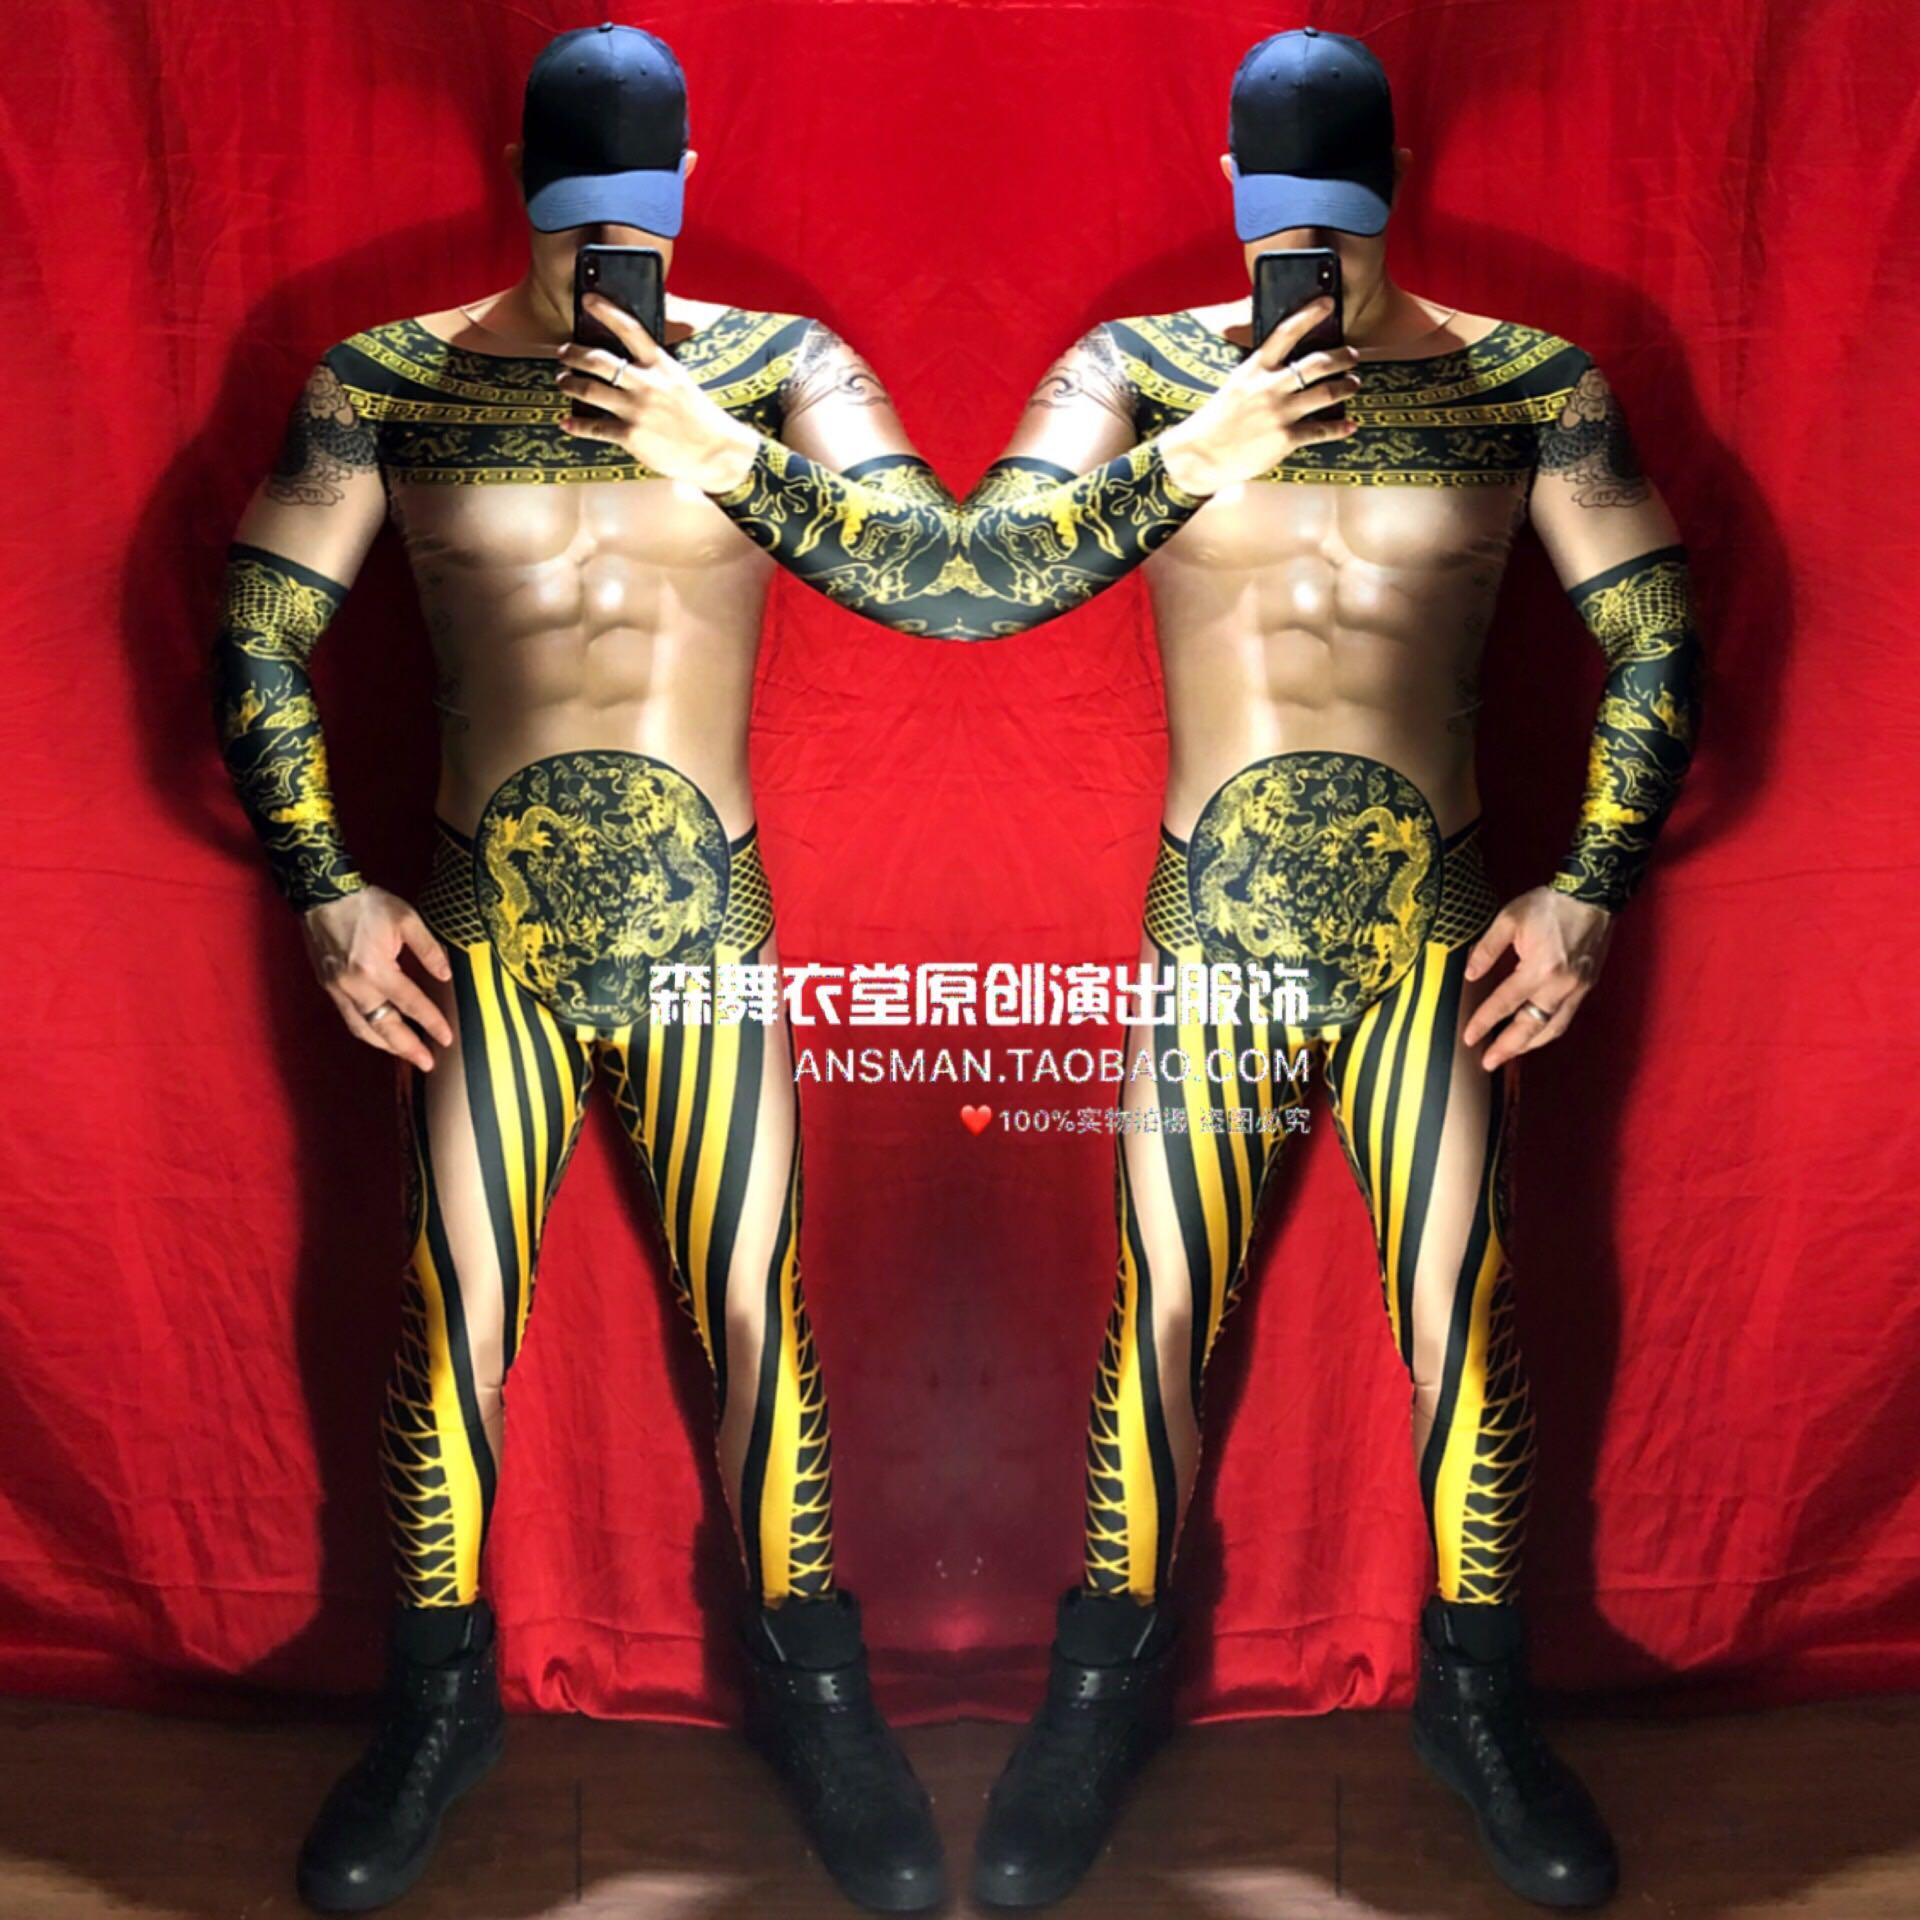 Bar Nachtclub Zanger Dj Ds Chinese Stijl Zwarte Goud Gewaad Heren Jumpsuit Nieuwjaar Thema Party 3d Spier Kostuum Hip Hop Broek Rijk En Prachtig